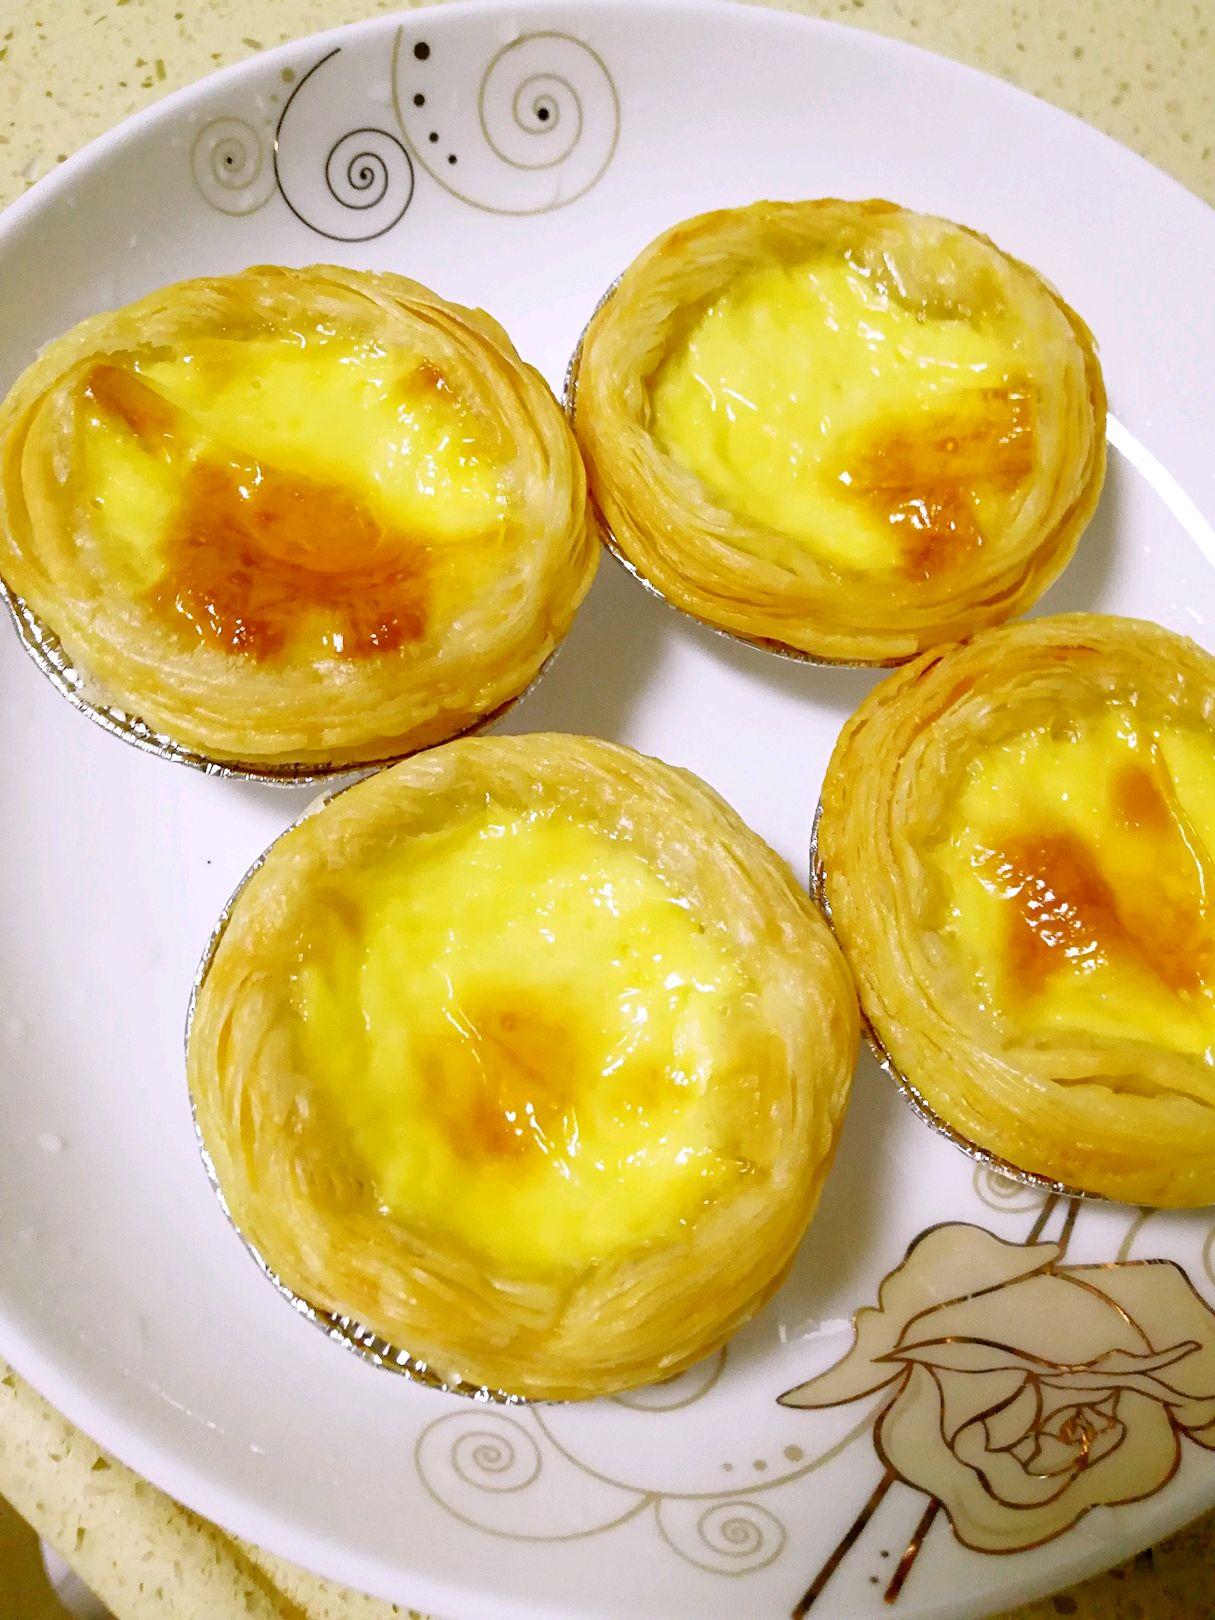 炒菜煲汤临锅时加入提鲜不口干 蛋挞的做法步骤 1.